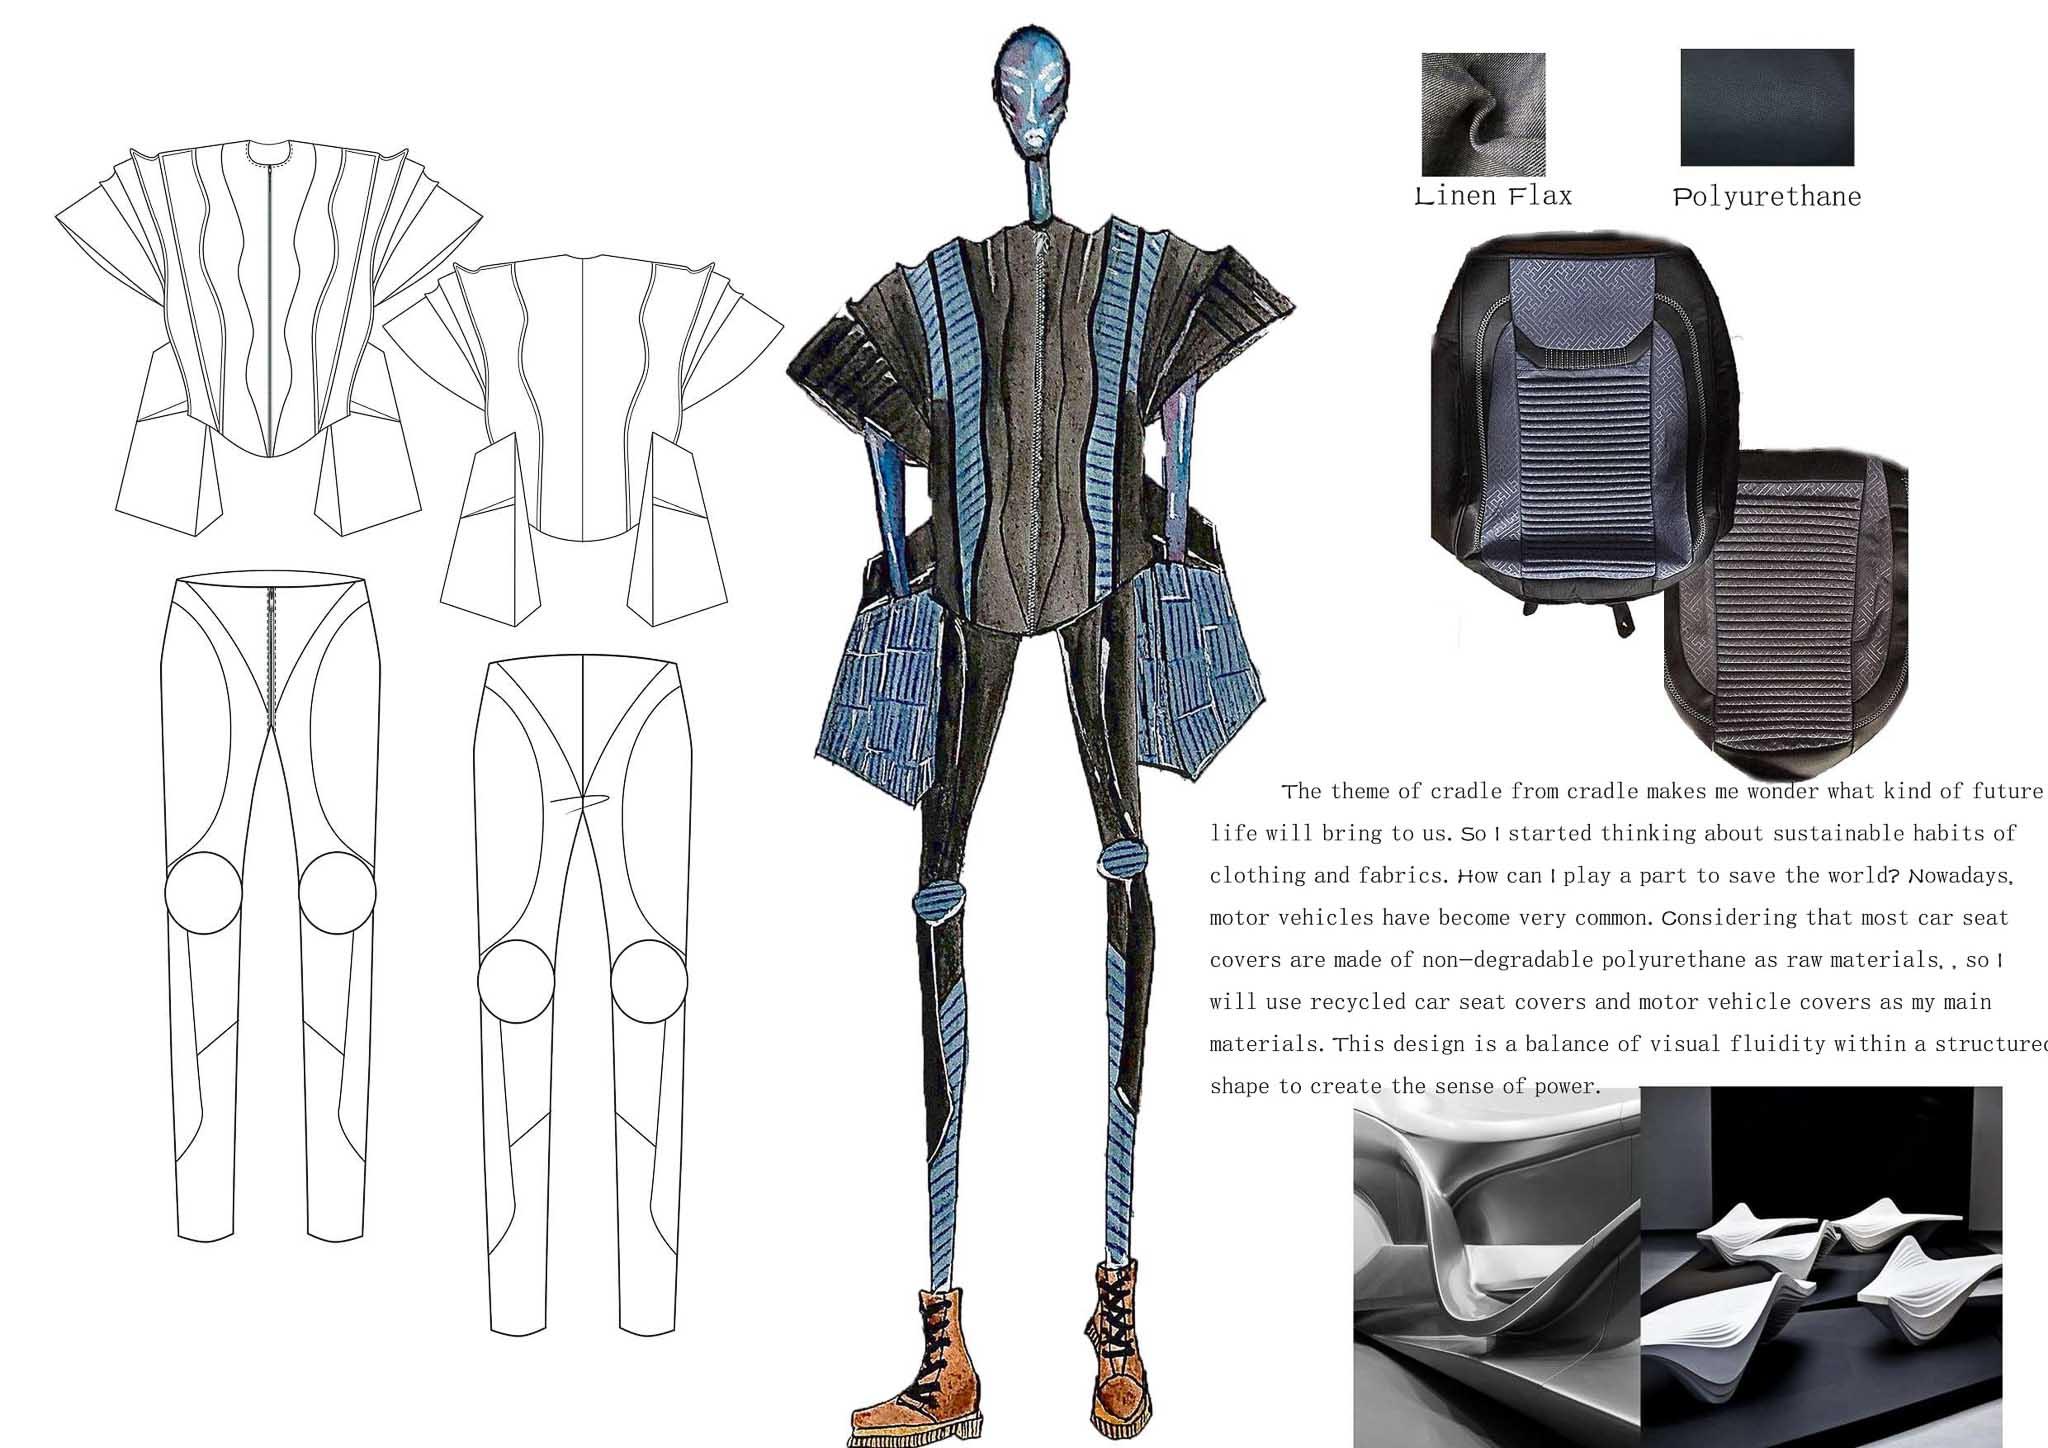 Power of Lines: Yanzhen Li, China, Student, Raffles Design Institute Singapore